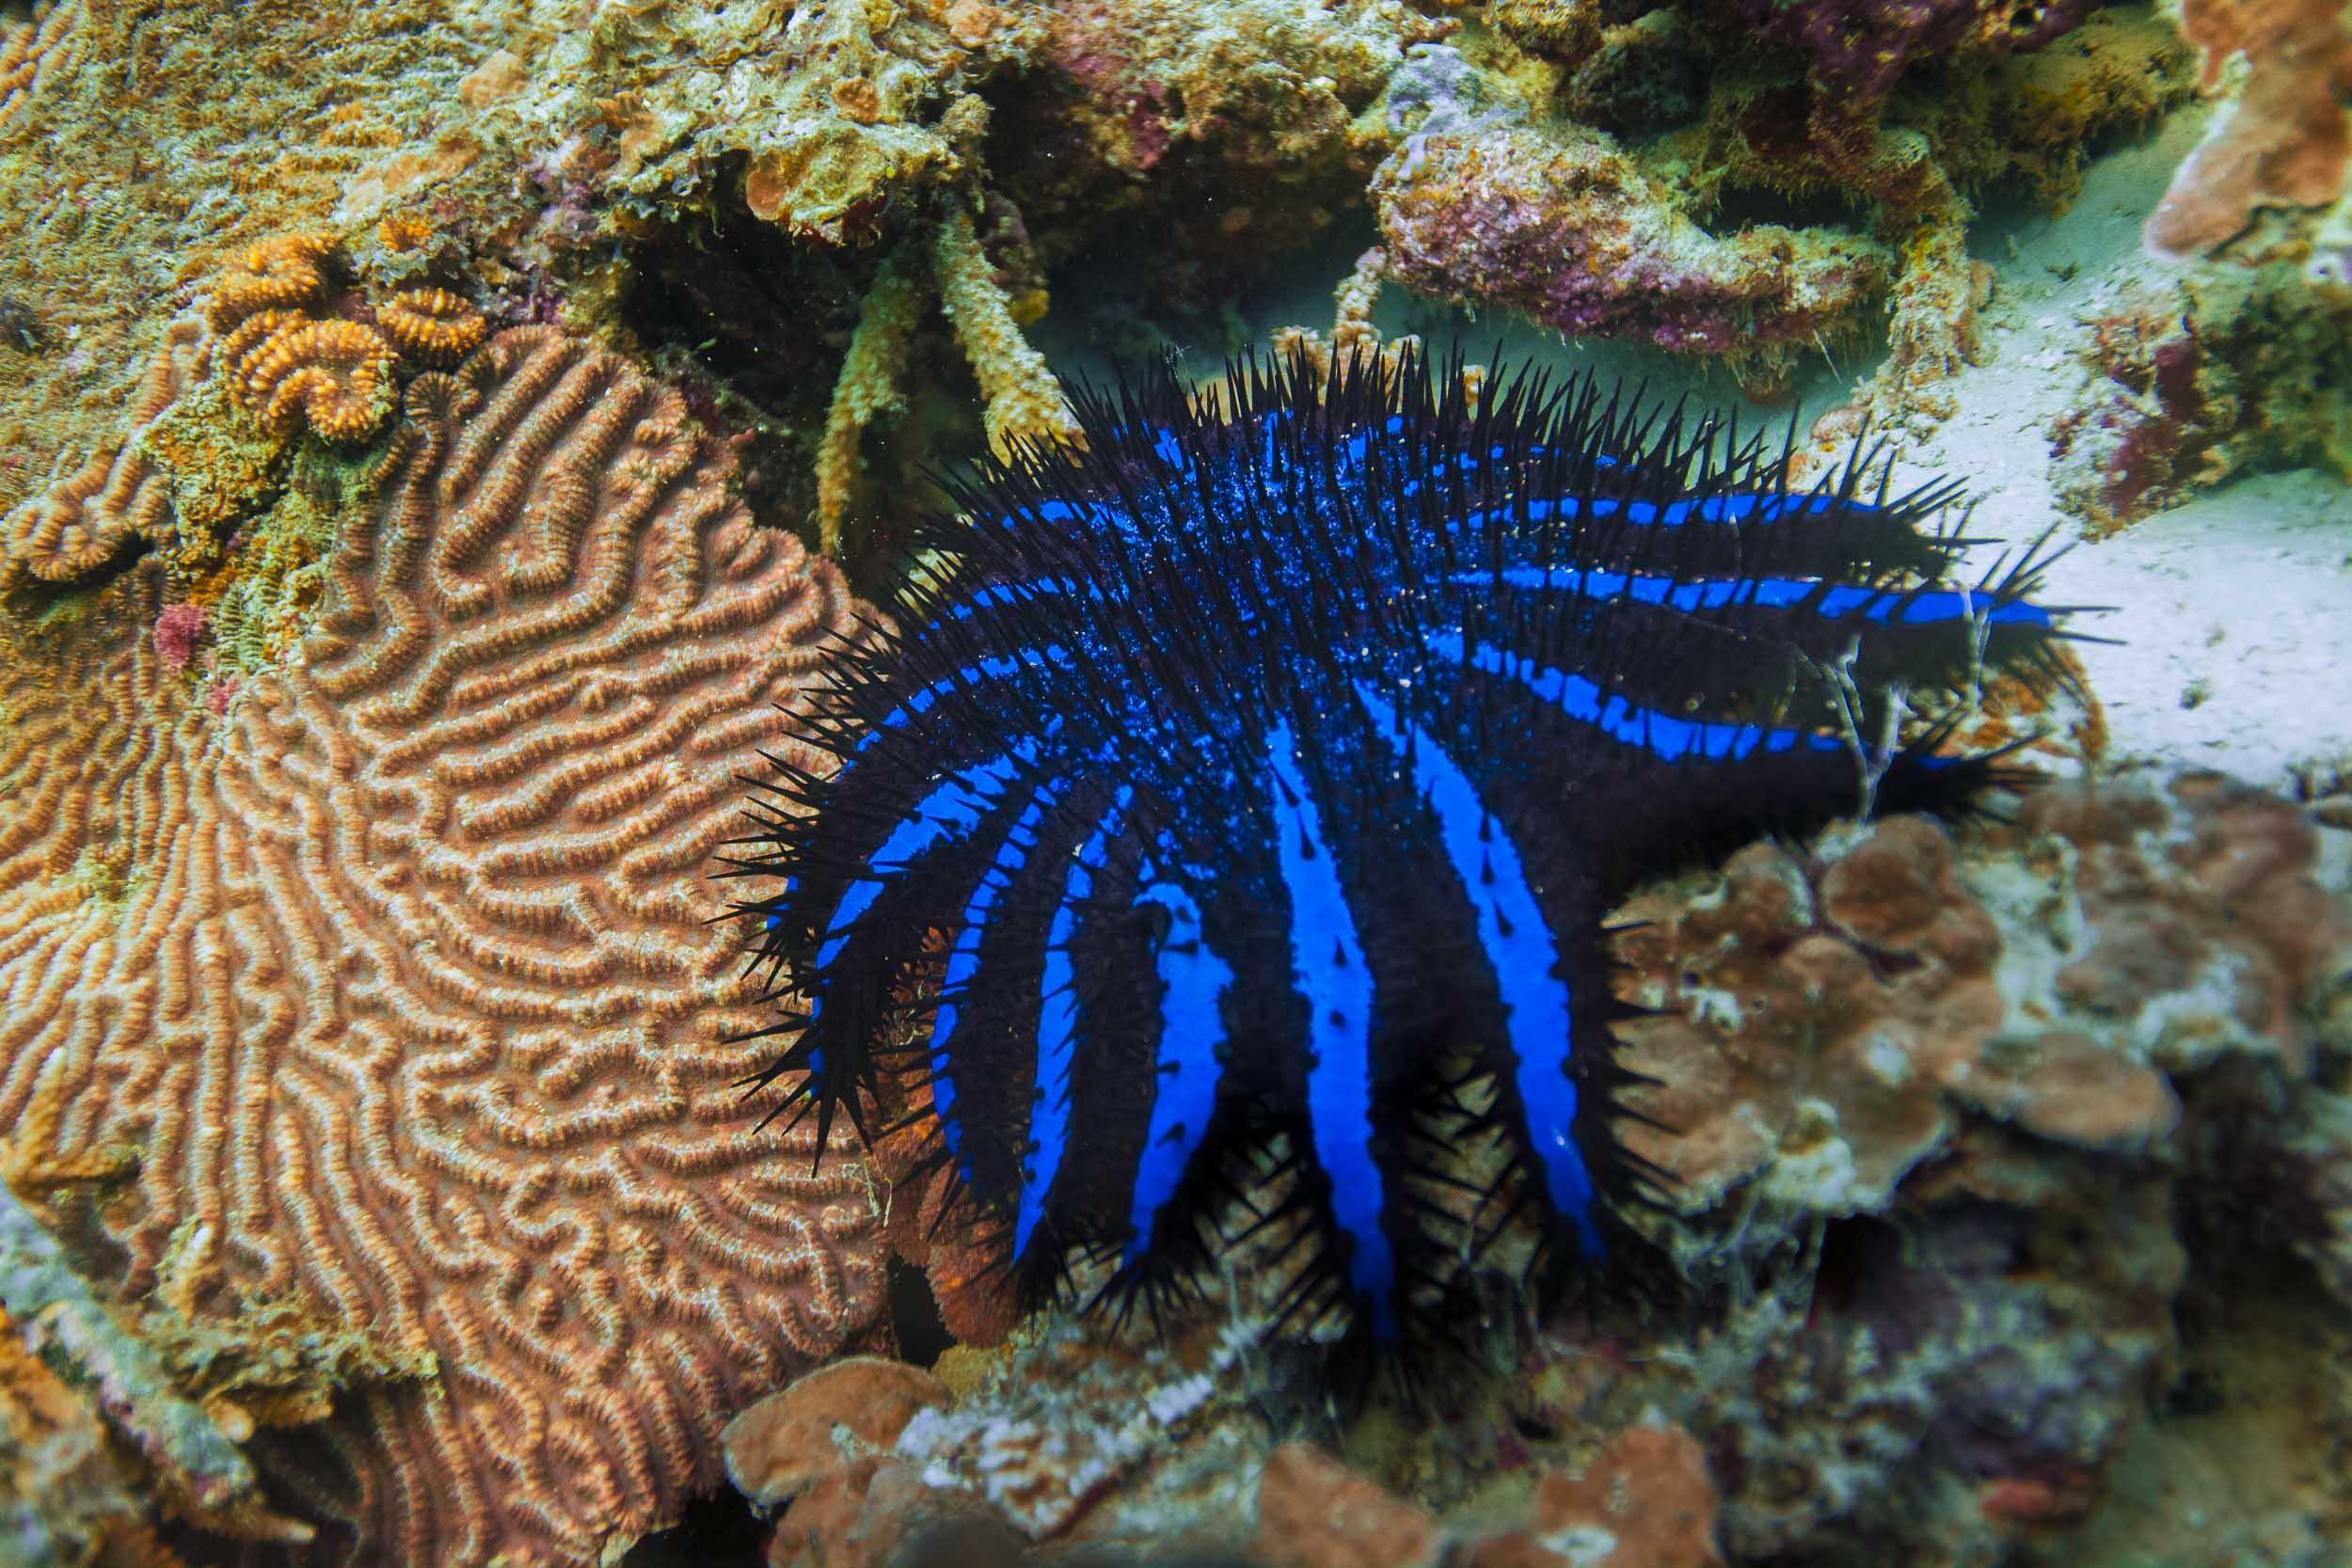 maldives-underwater-reef-fish-marine-pest.jpg